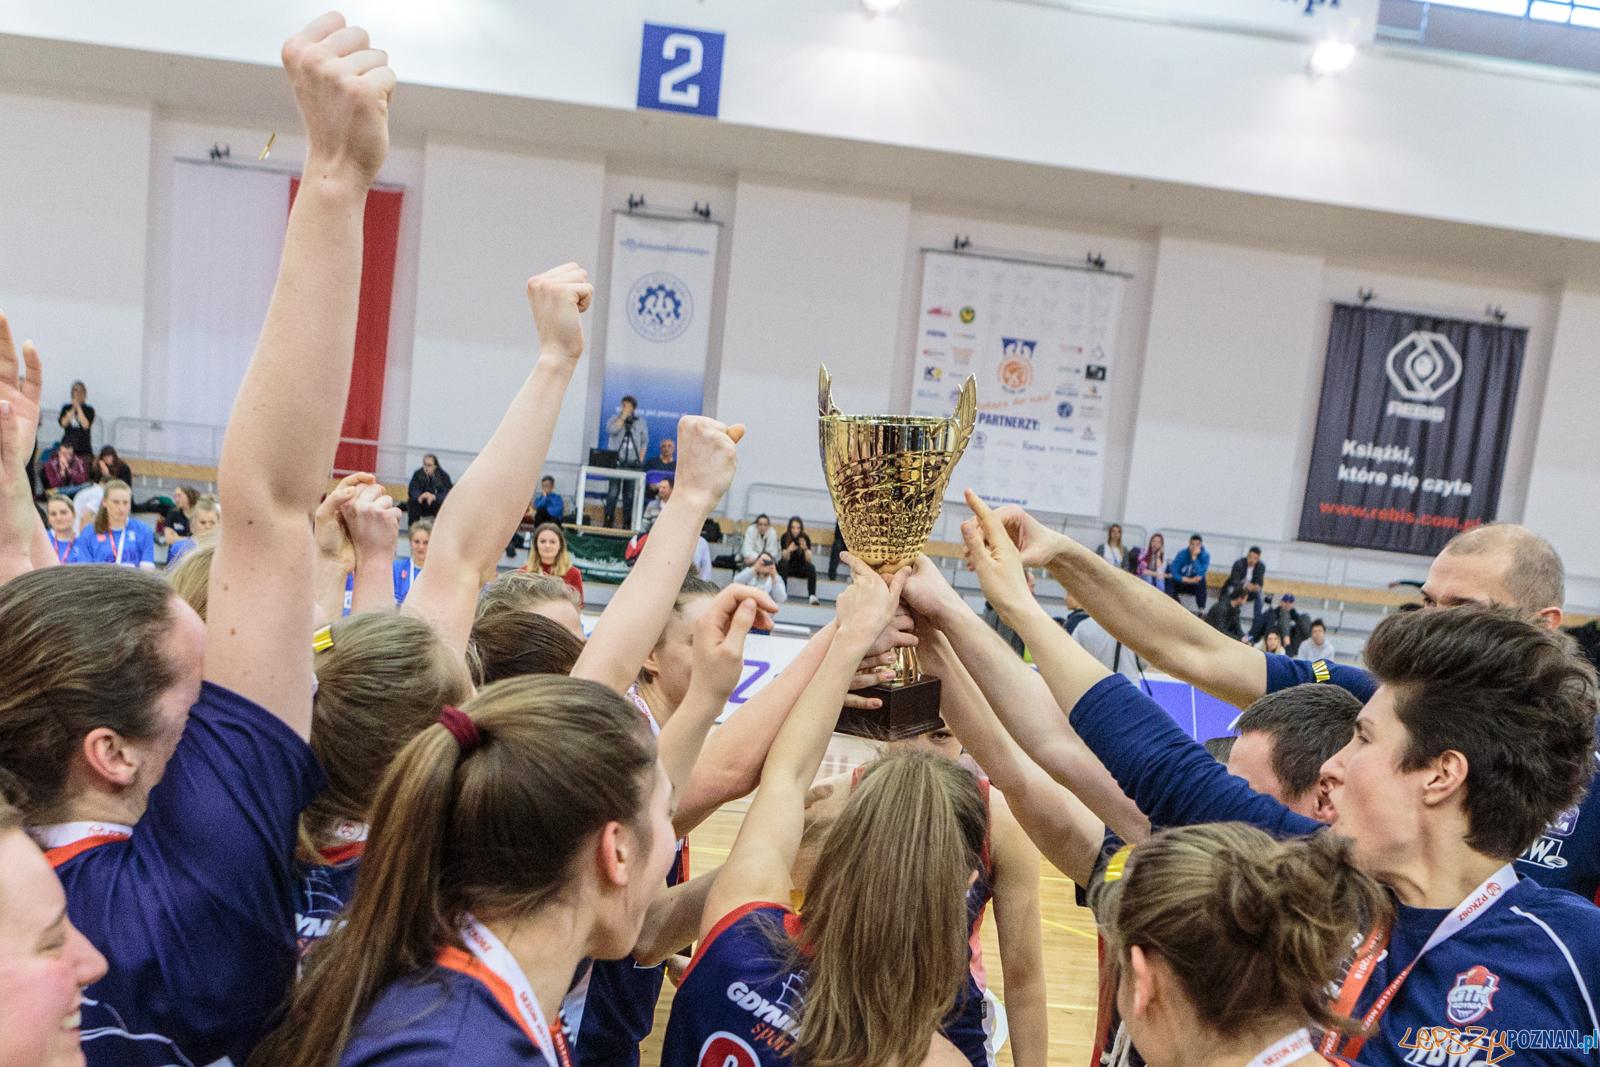 MP U22 - wręczenie pucharów finalisom turnieju - Poznań 25.02  Foto: LepszyPOZNAN.pl / Paweł Rychter